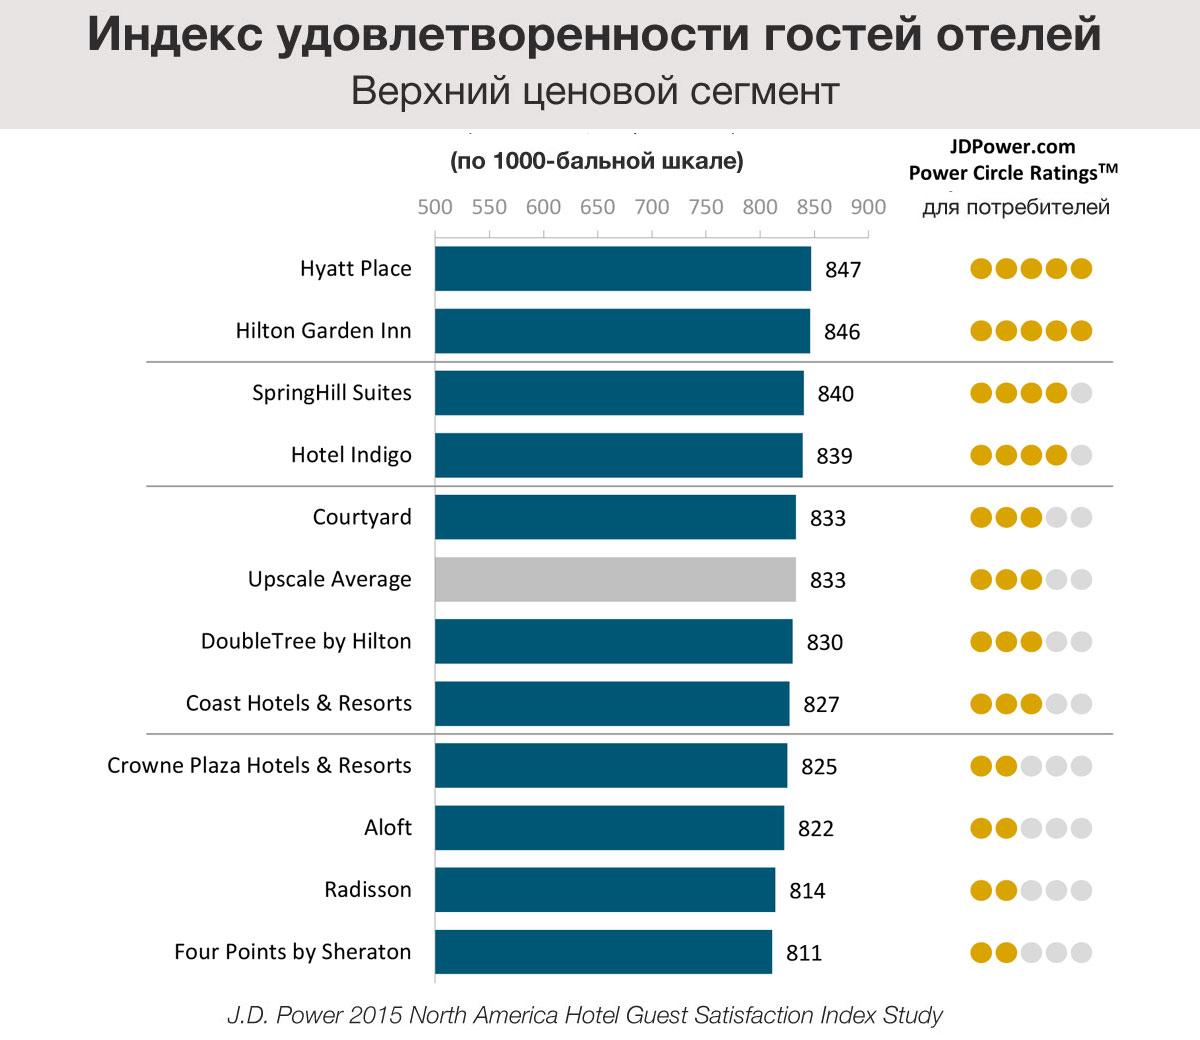 Индекс удовлетворенности гостей